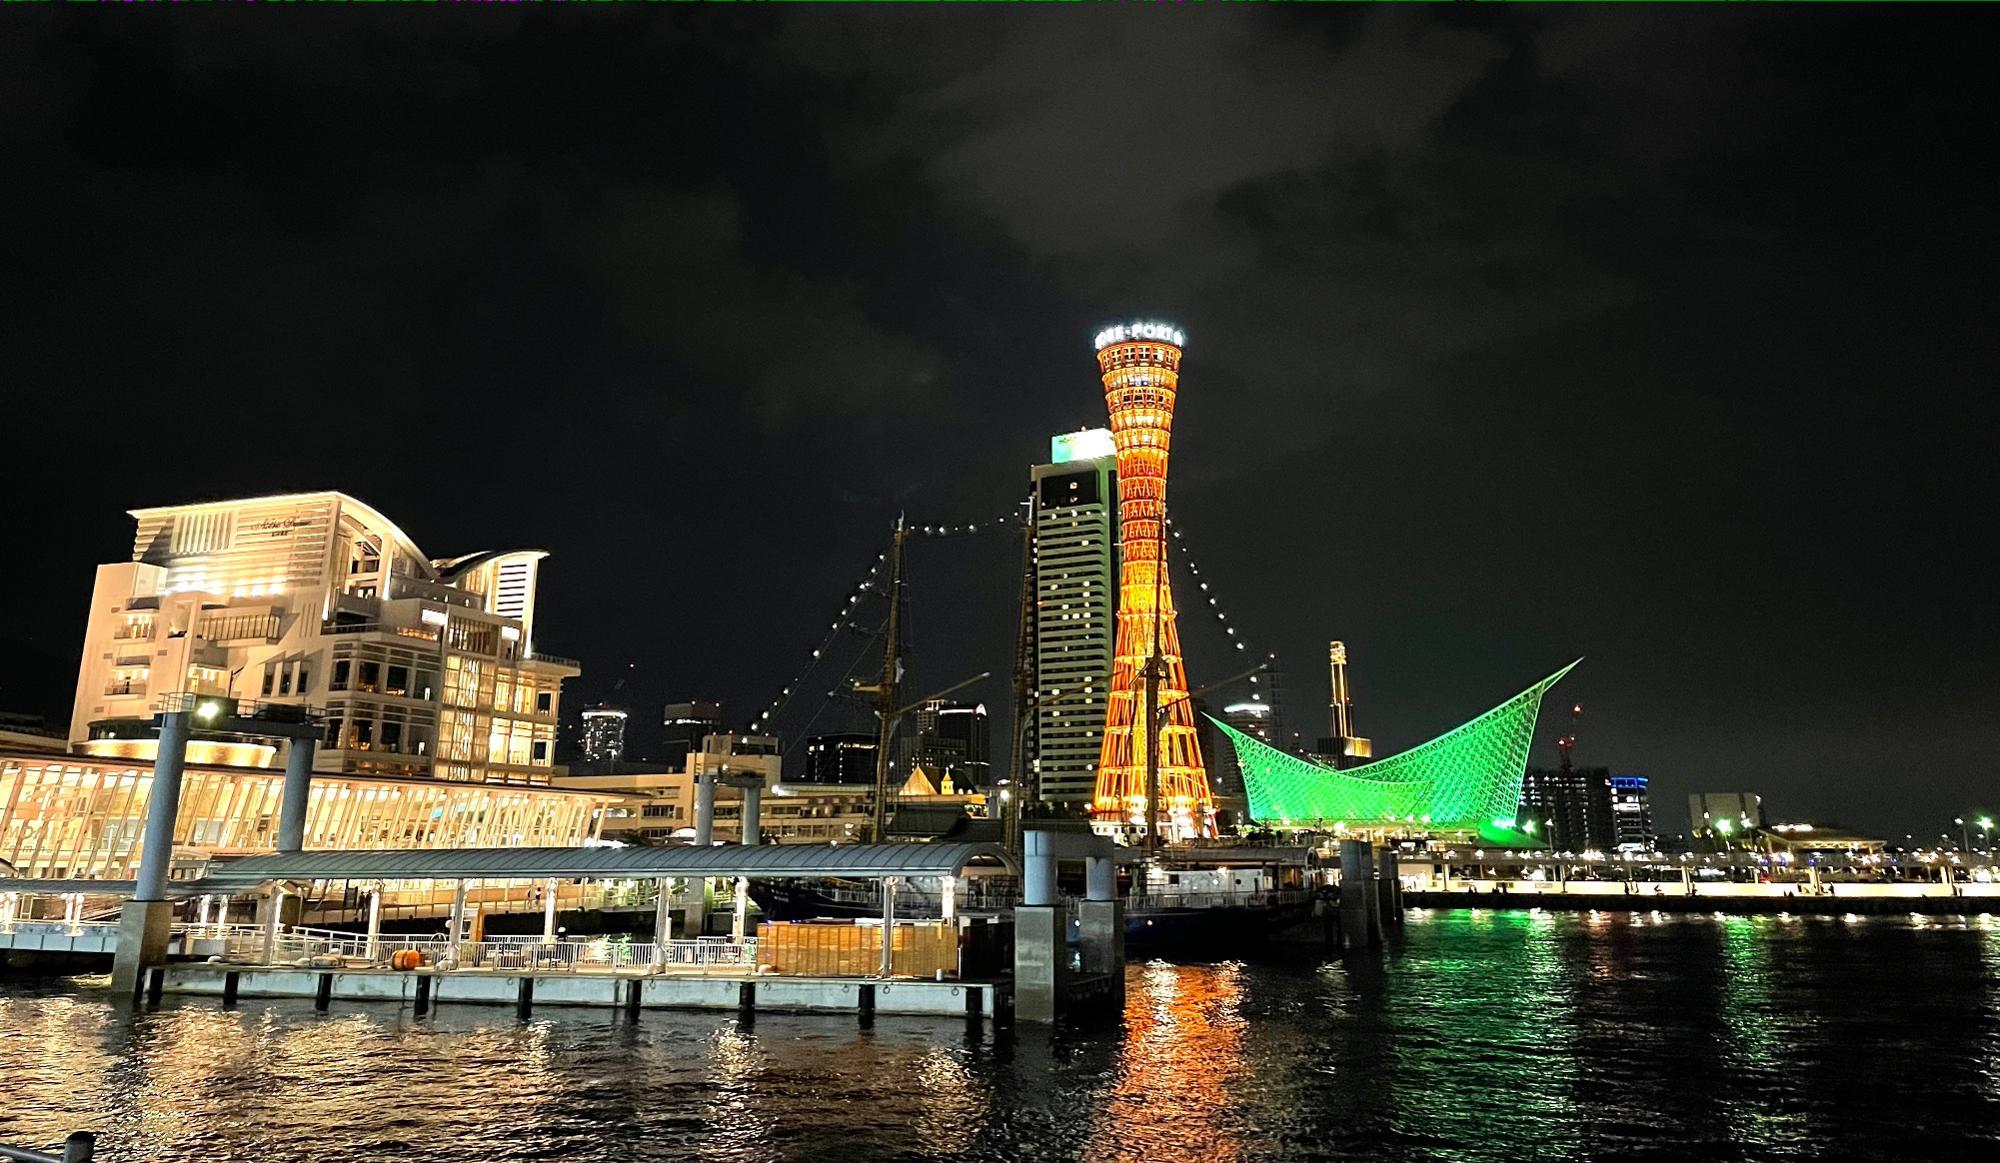 色んな建物達との美しい光のコラボレーション